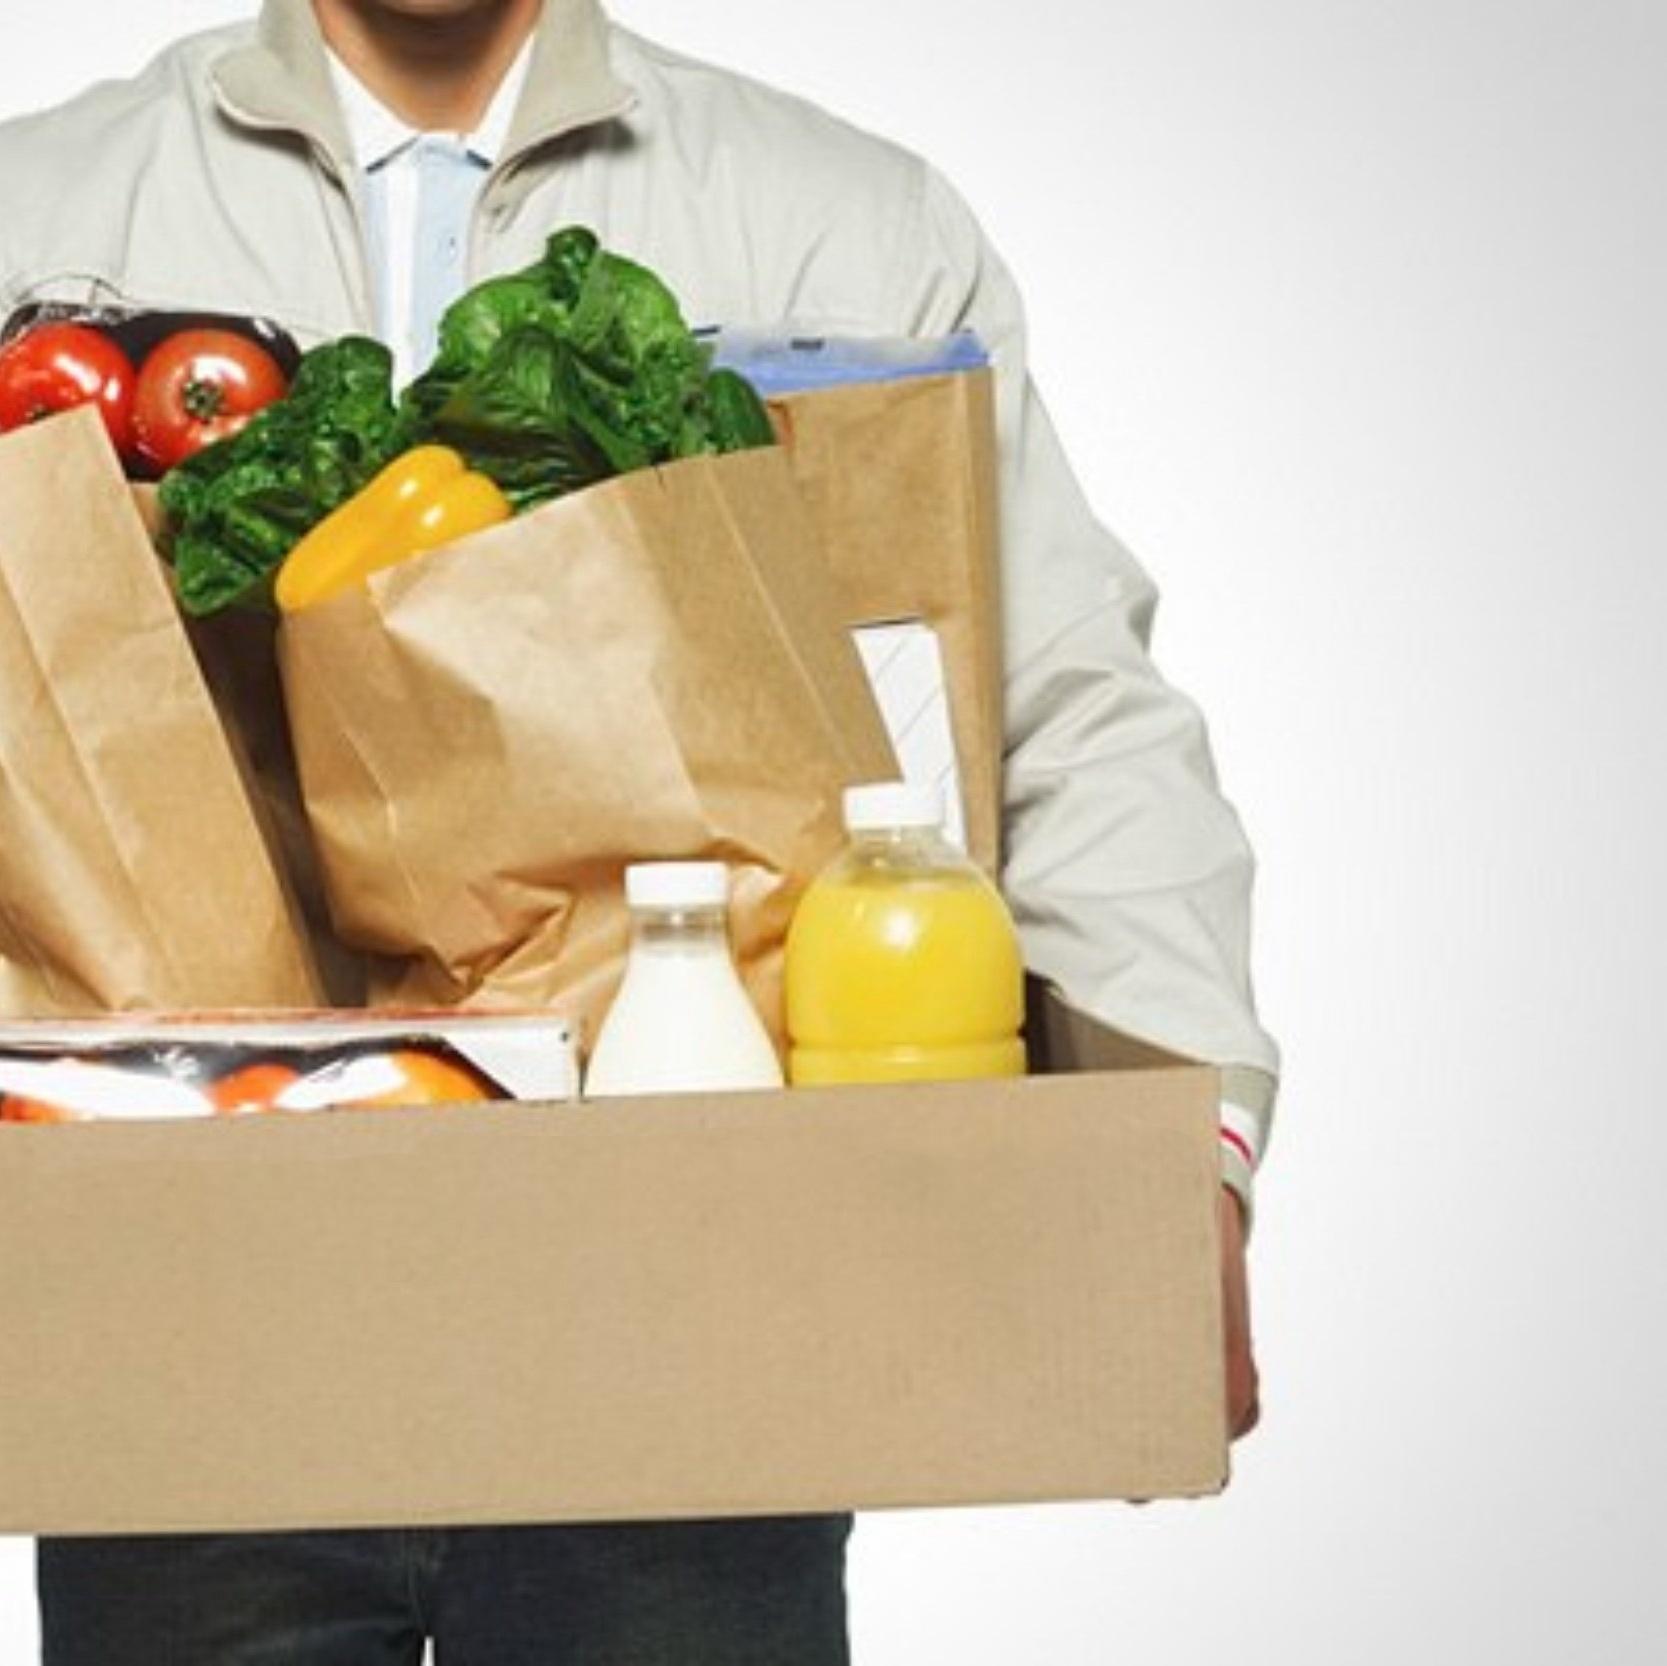 Доставка самовывоз: как быстро забрать товар из магазина